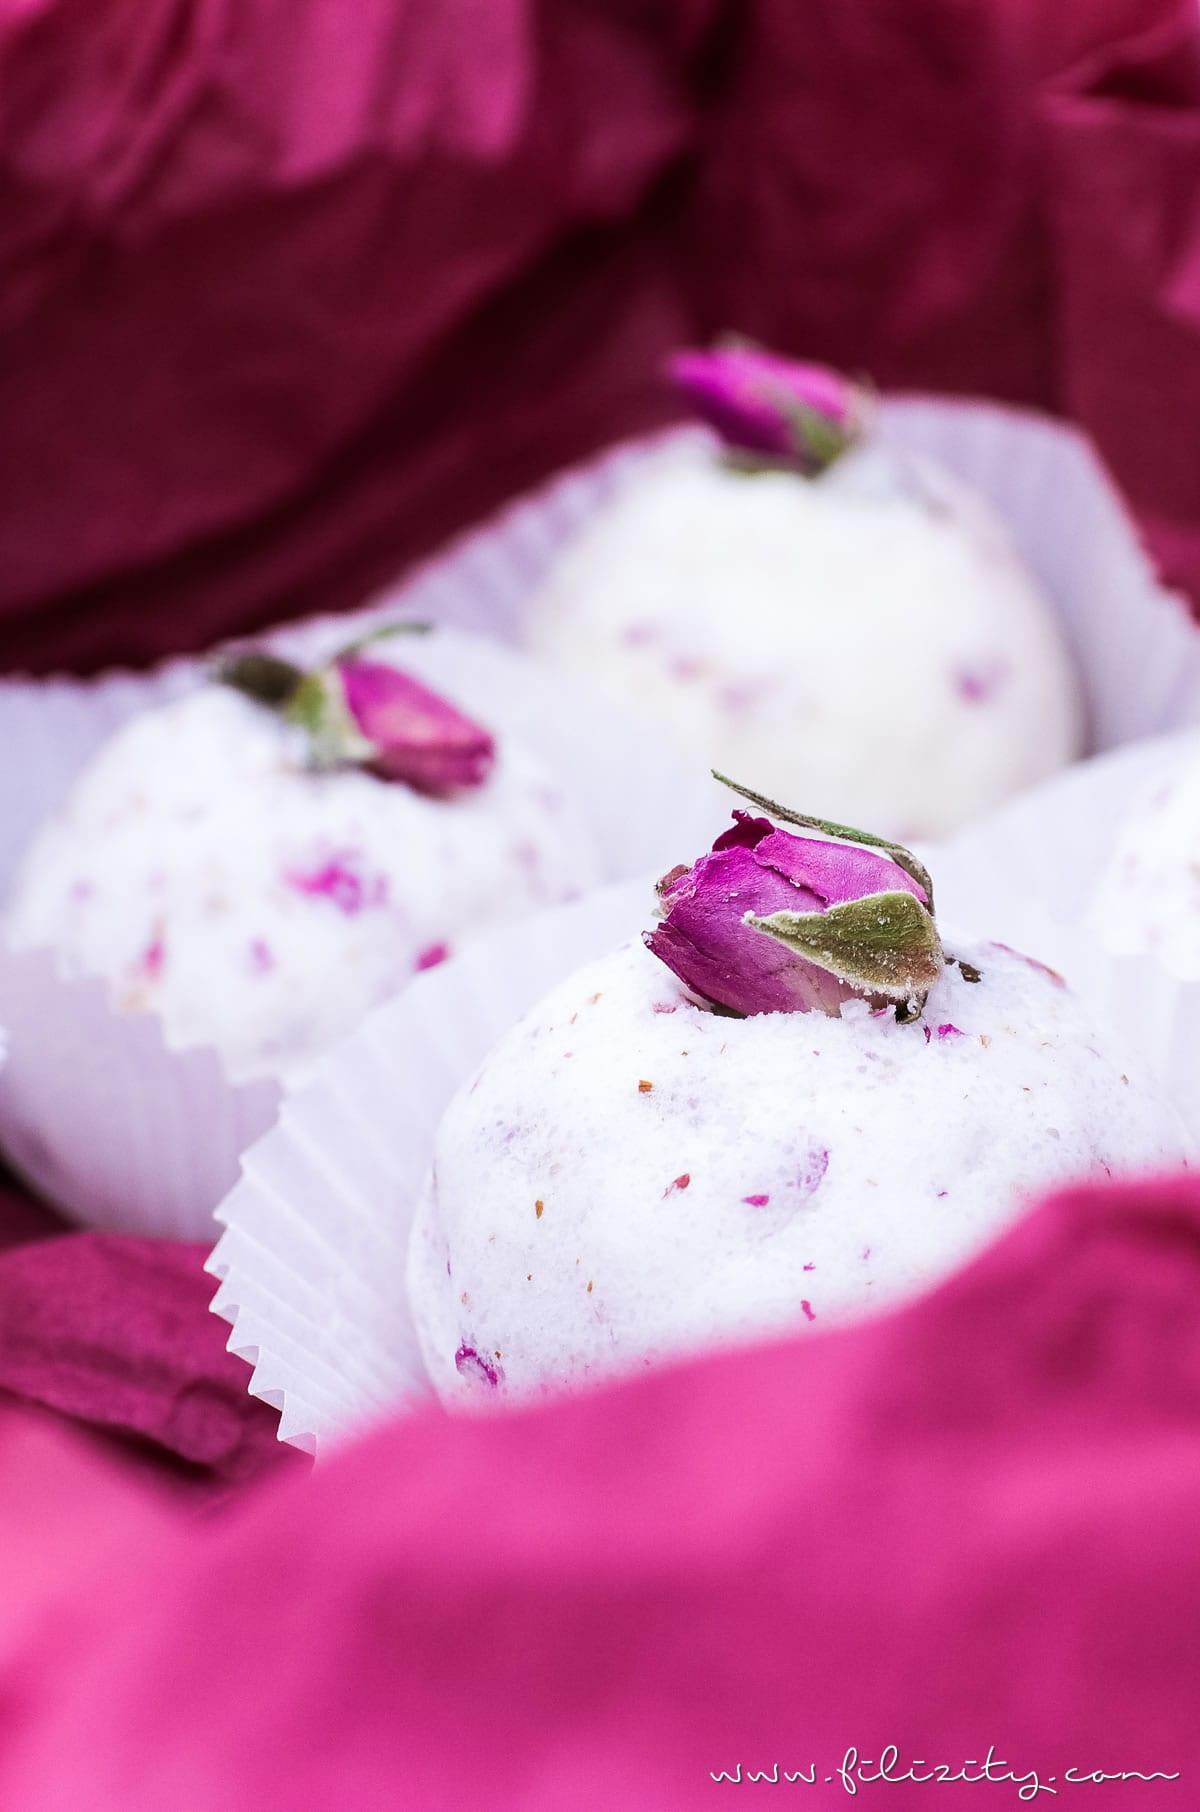 DIY Badebomben mit Rosen selber machen - Wellness & Geschenkidee für Valentinstag | Filizity.com | Beauty- & DIY-Blog aus dem Rheinland #valentinstag #geschenkidee #muttertag